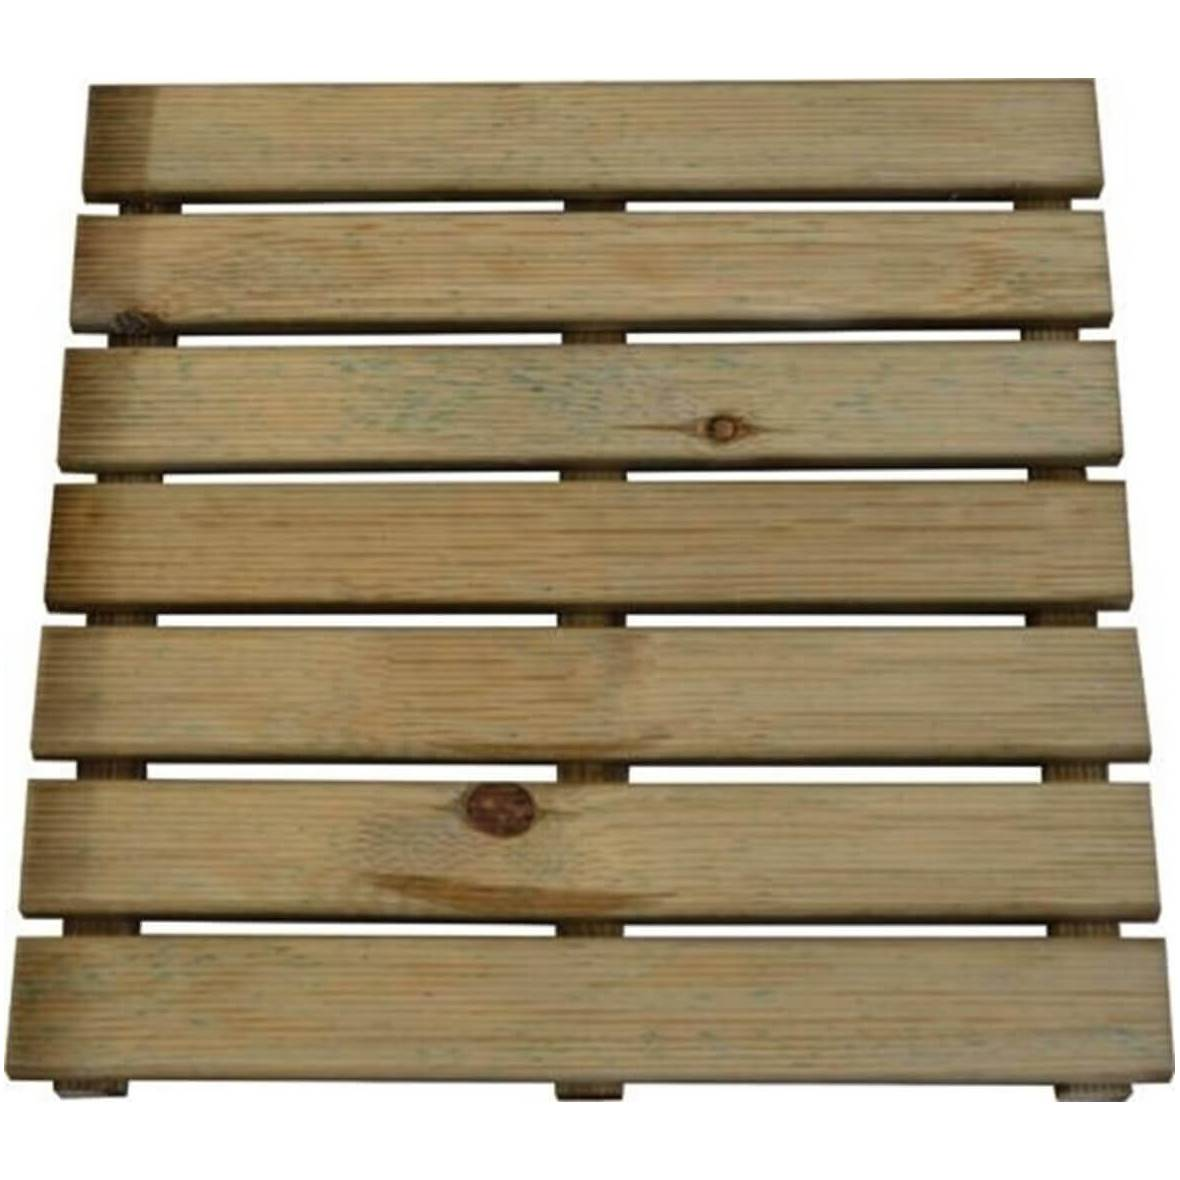 Milani Home pedana zigrinata da giardino in legno di pino verniciato in autoclave 50 x 50